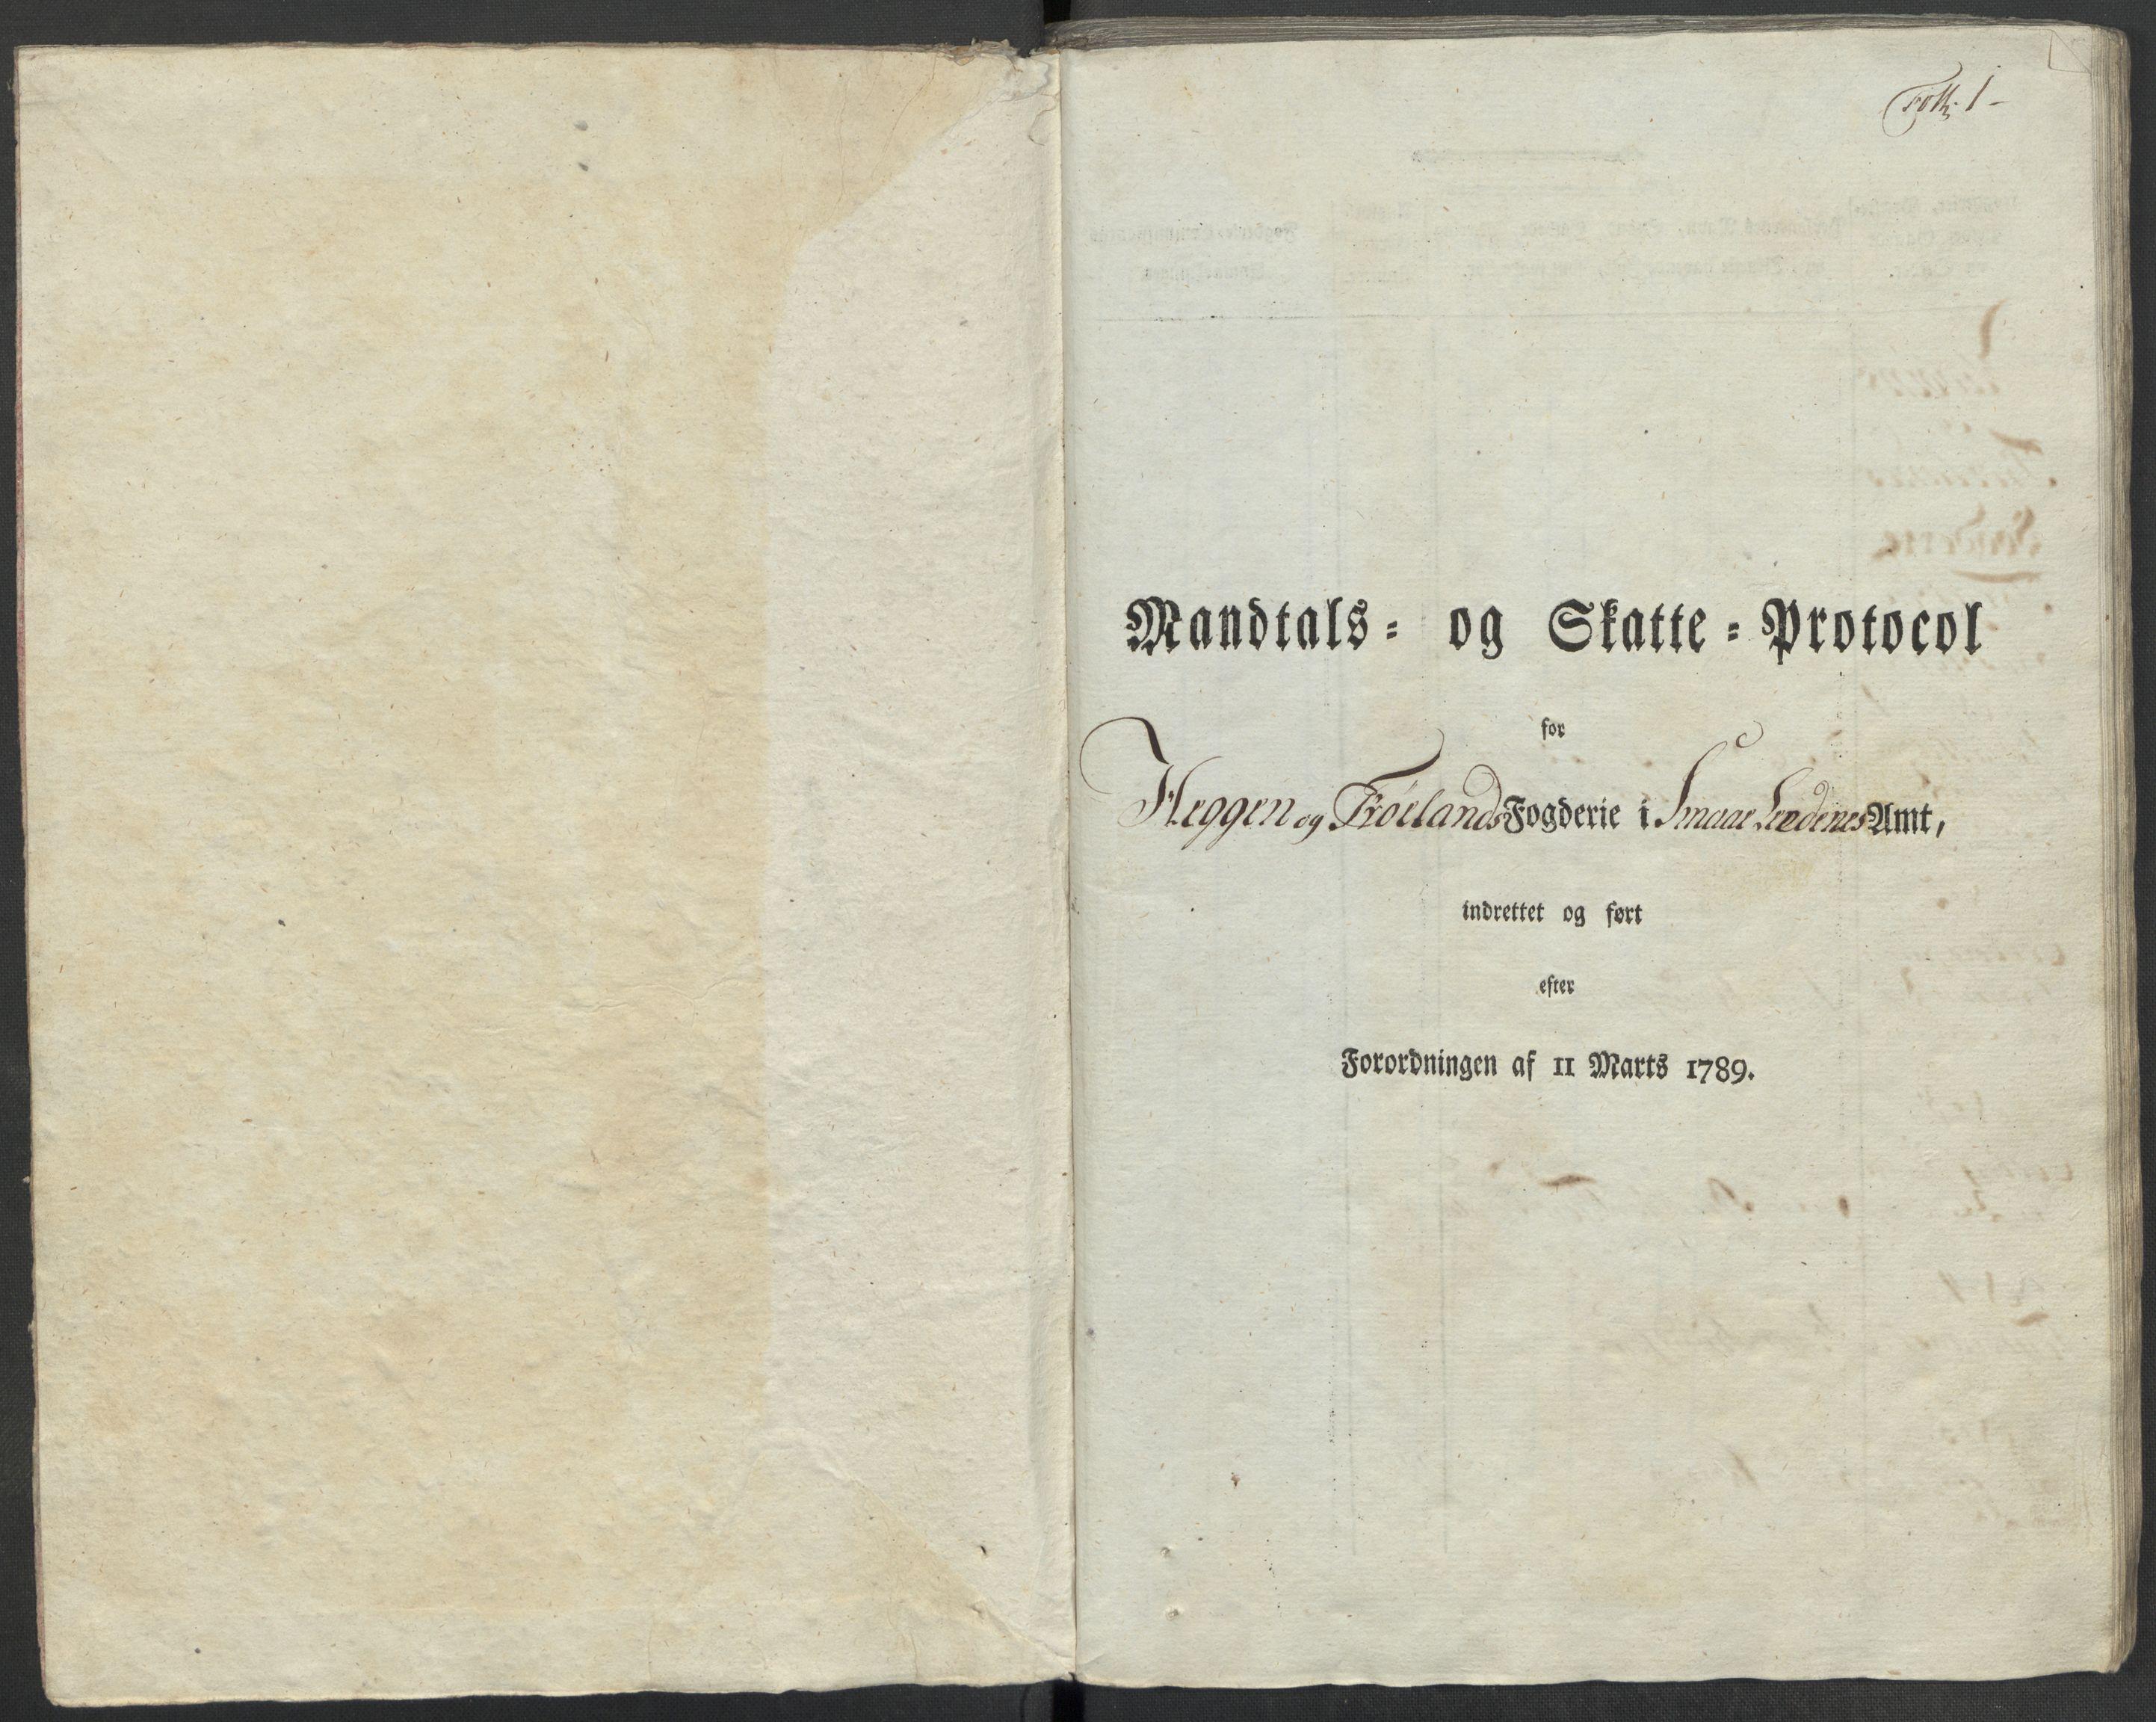 RA, Rentekammeret inntil 1814, Reviderte regnskaper, Mindre regnskaper, Rf/Rfe/L0036: Rakkestad, Heggen og Frøland fogderi, Ringerike og Hallingdal fogderi, 1789, s. 4